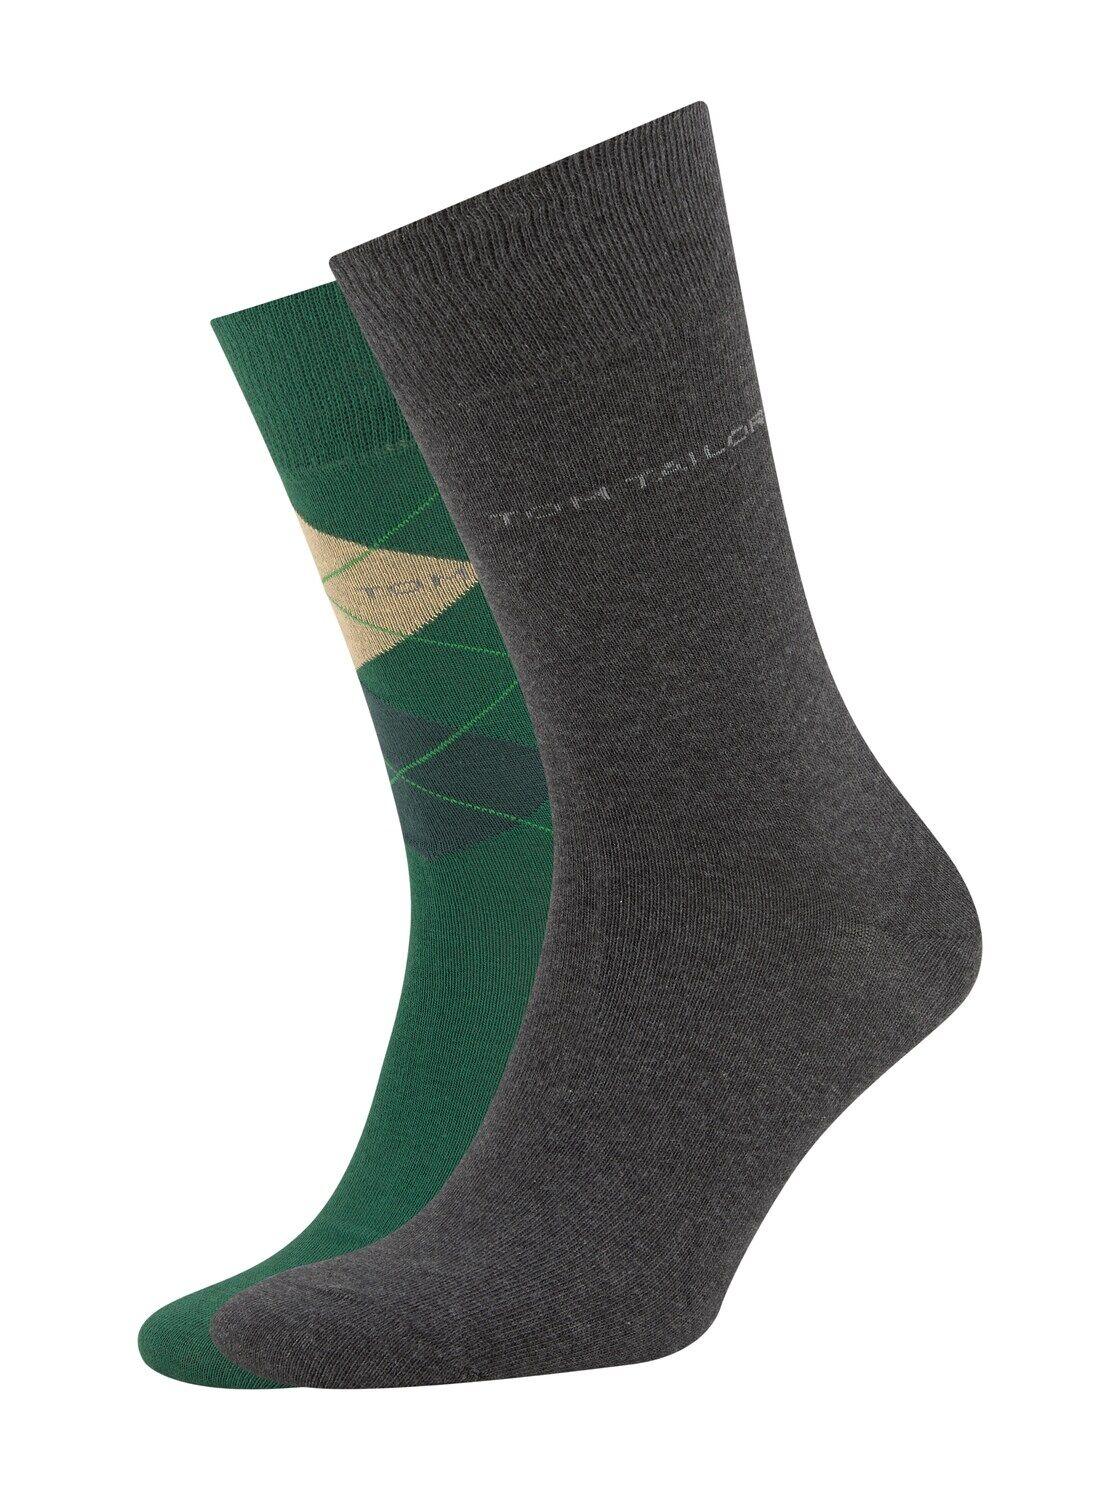 TOM TAILOR Herren Socken im Doppel-Pack, grün, Gr.43-46